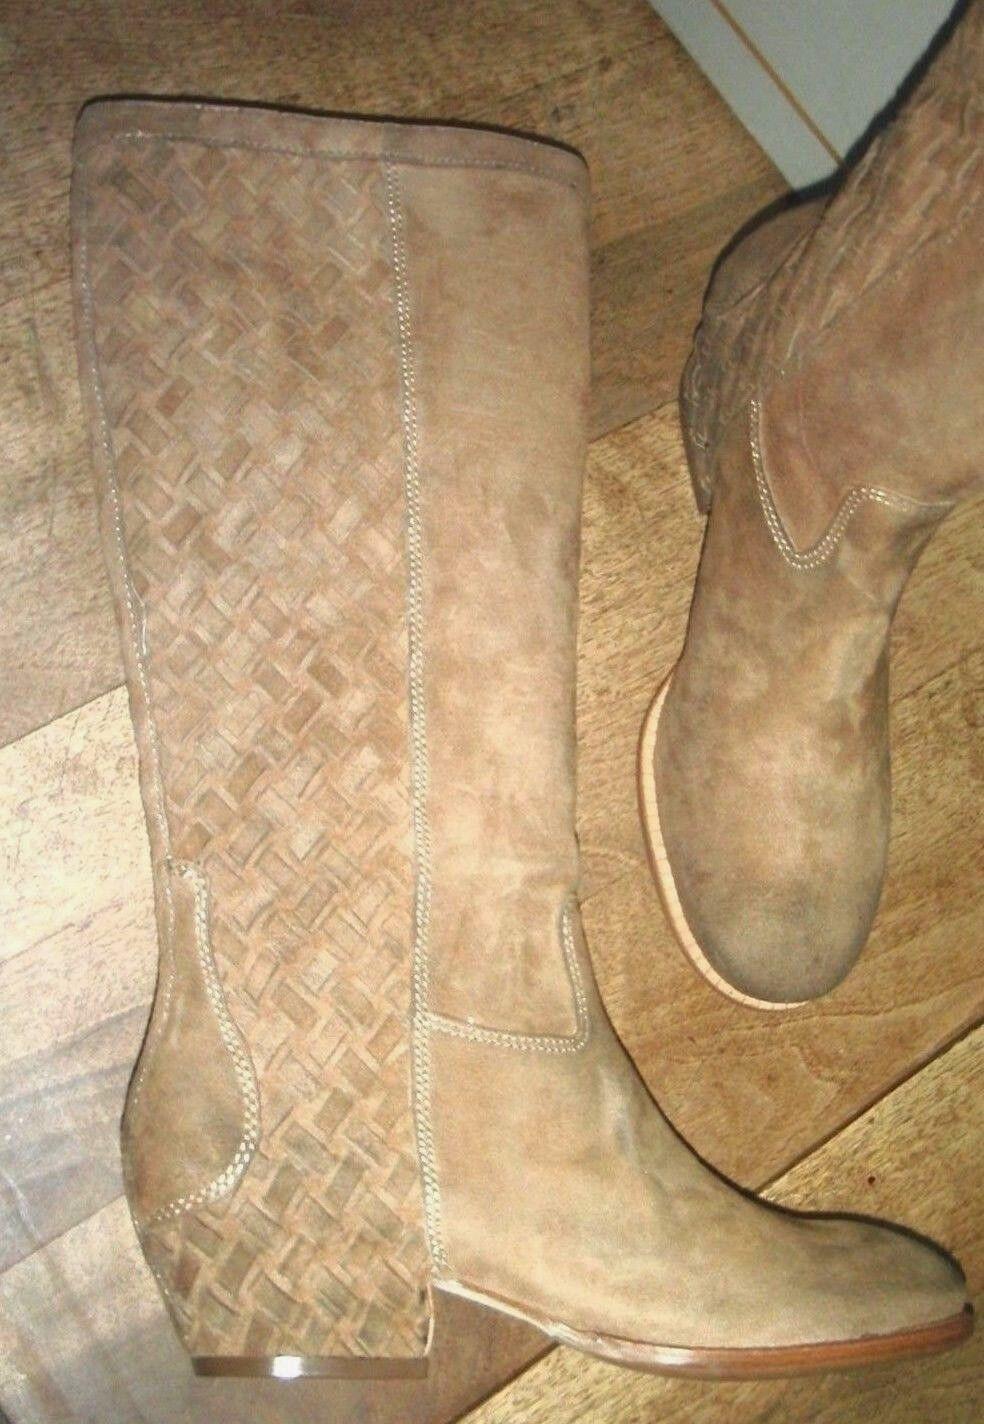 ASH LOBO cuir suede camel NEUVE talon 4cm Valeur 285E Pointures 36,38, 39